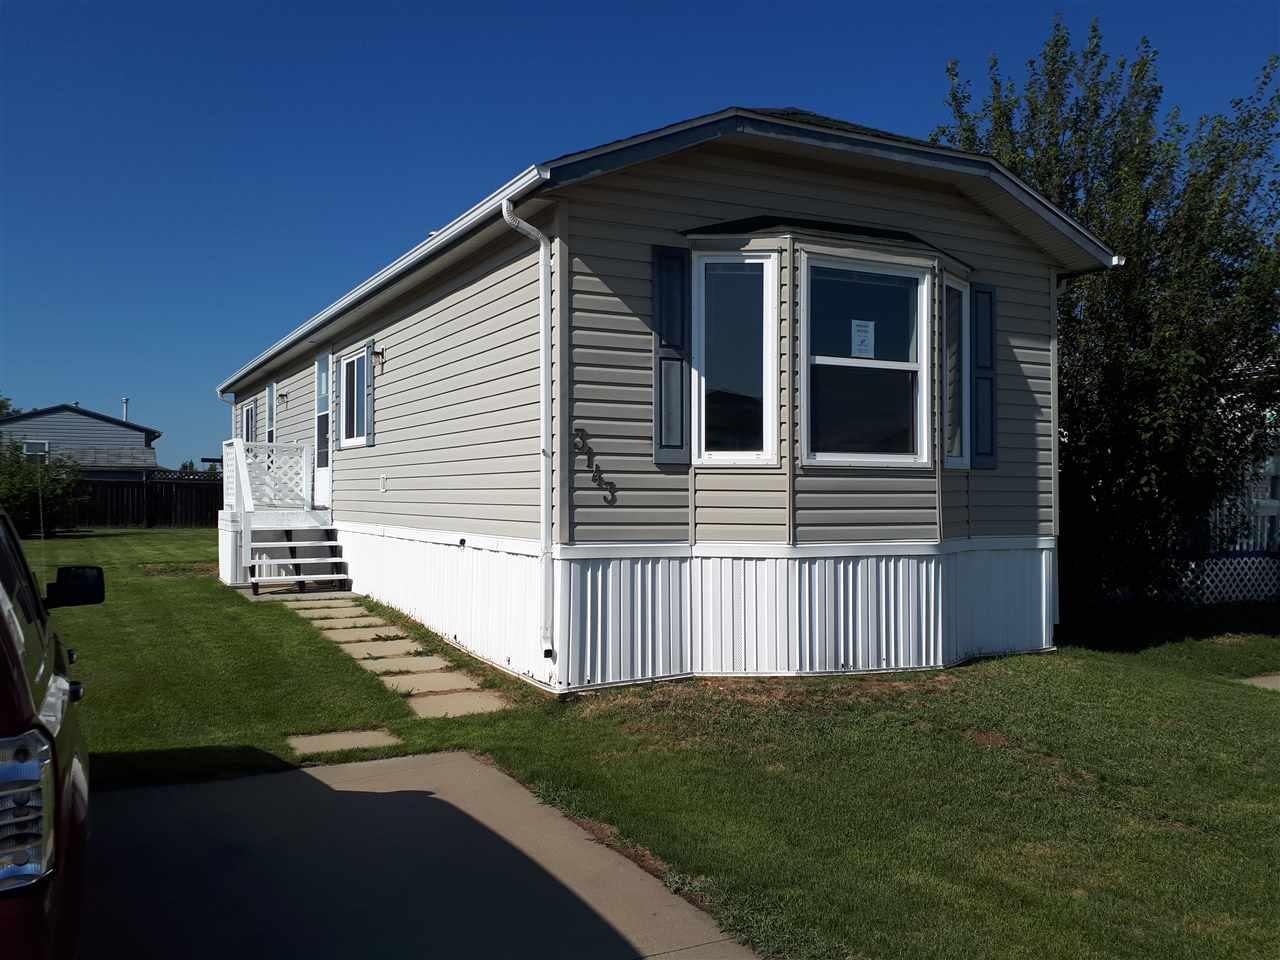 3143 WINTERBURN ROAD, 2 bed, 1 bath, at $49,166